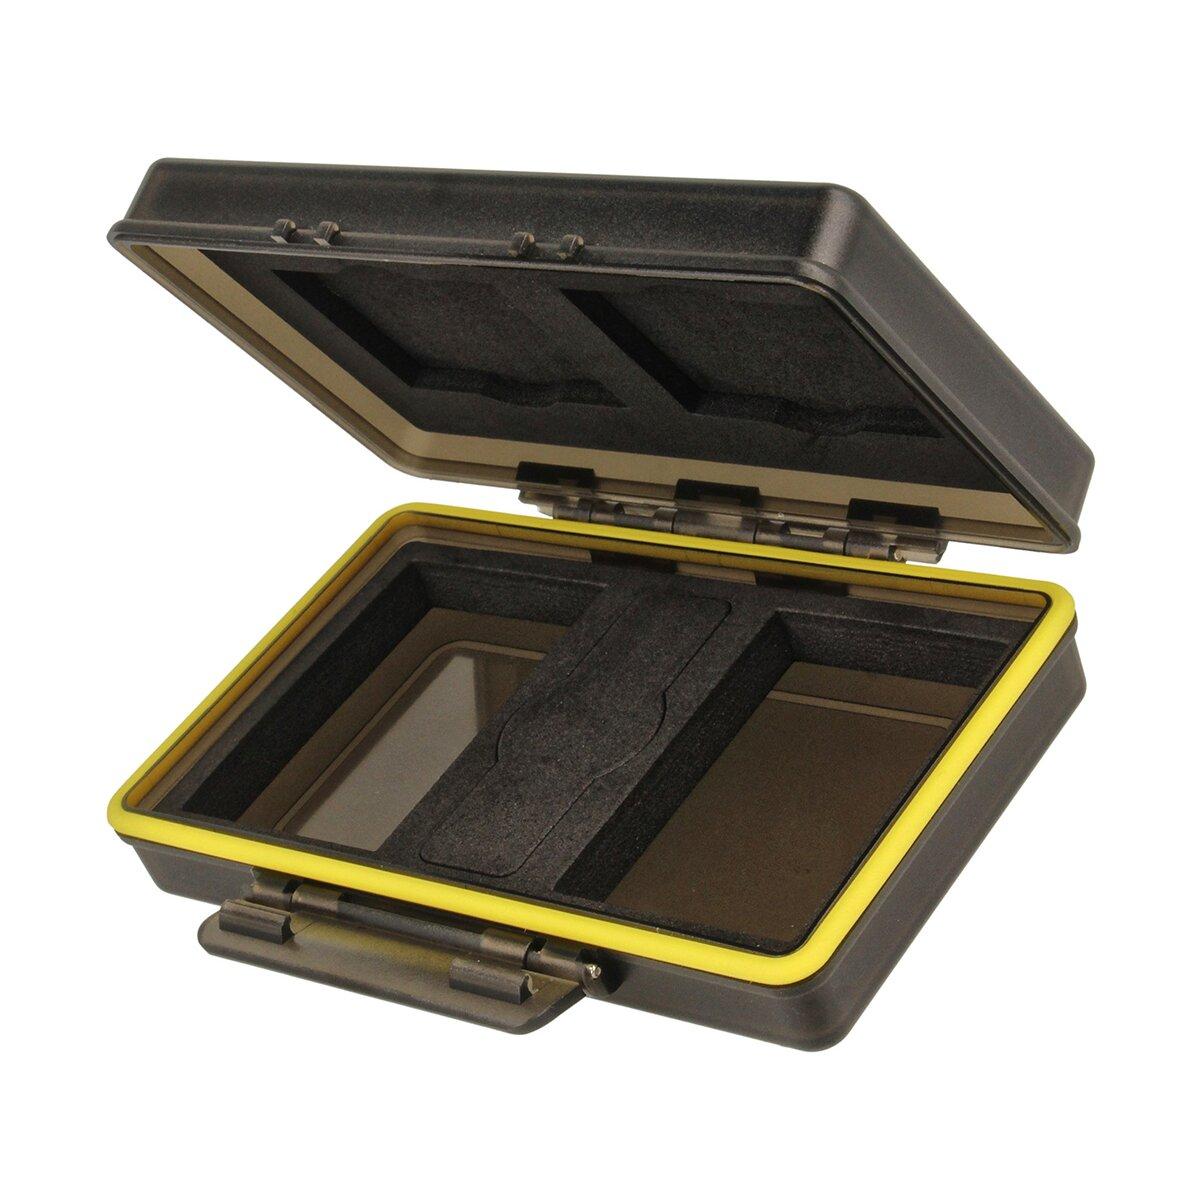 JJC BC-3CF2 Kunststoffetui für 2 CF-Karten und 2 Kameraakkus der Größe 59x39x21 Milimeter, Stabil, Spritzwasserdicht, Stöße absorbierend